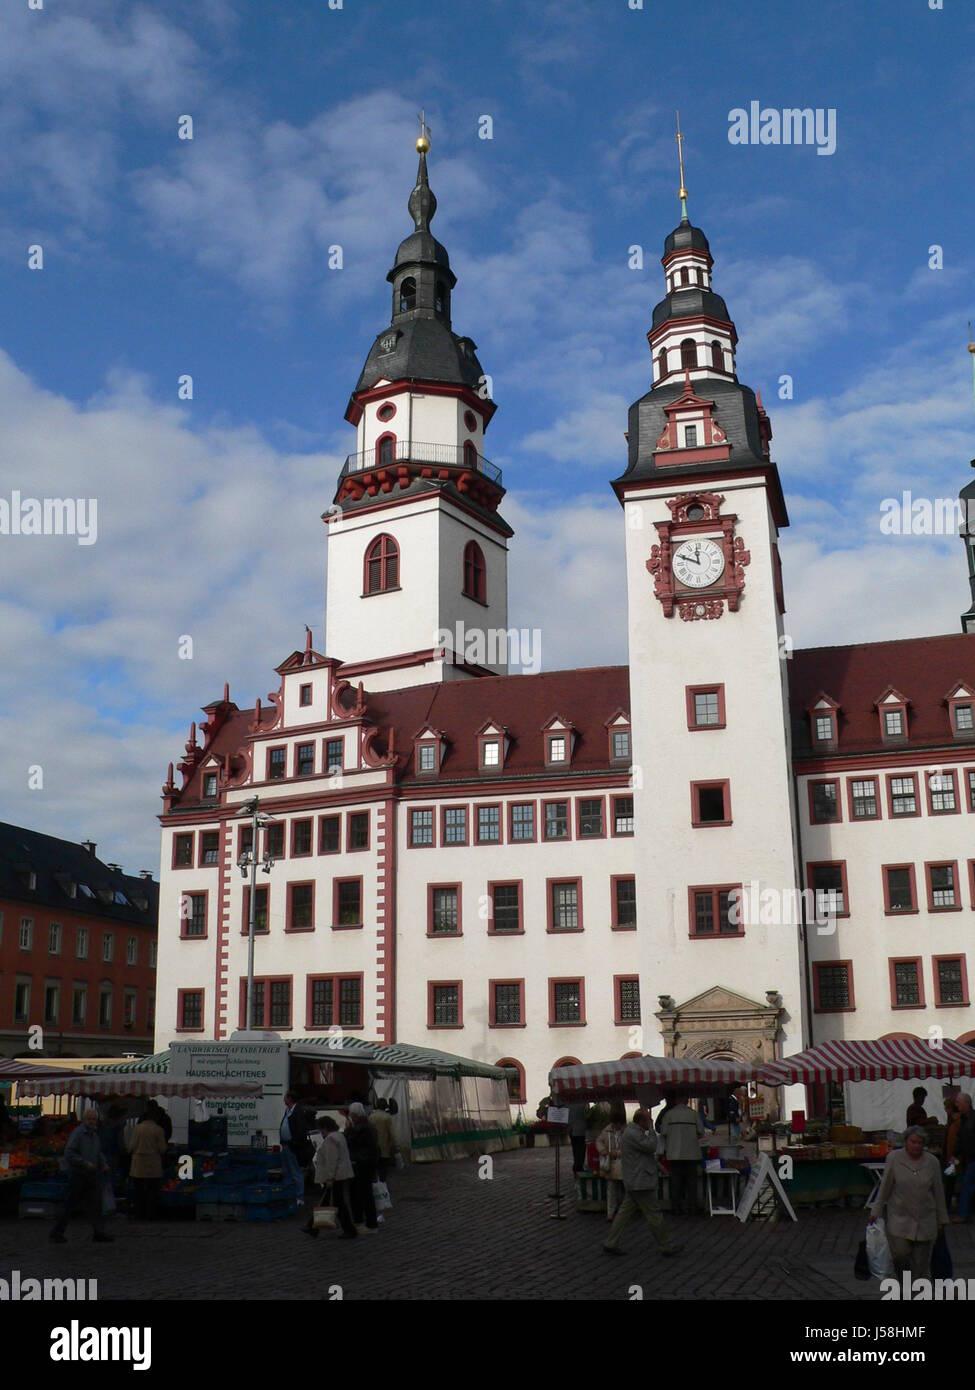 Rathaus Stadt Renaissance Glockenspiel wöchentlichen Markt Marktplatz Flohmarkt Stockbild